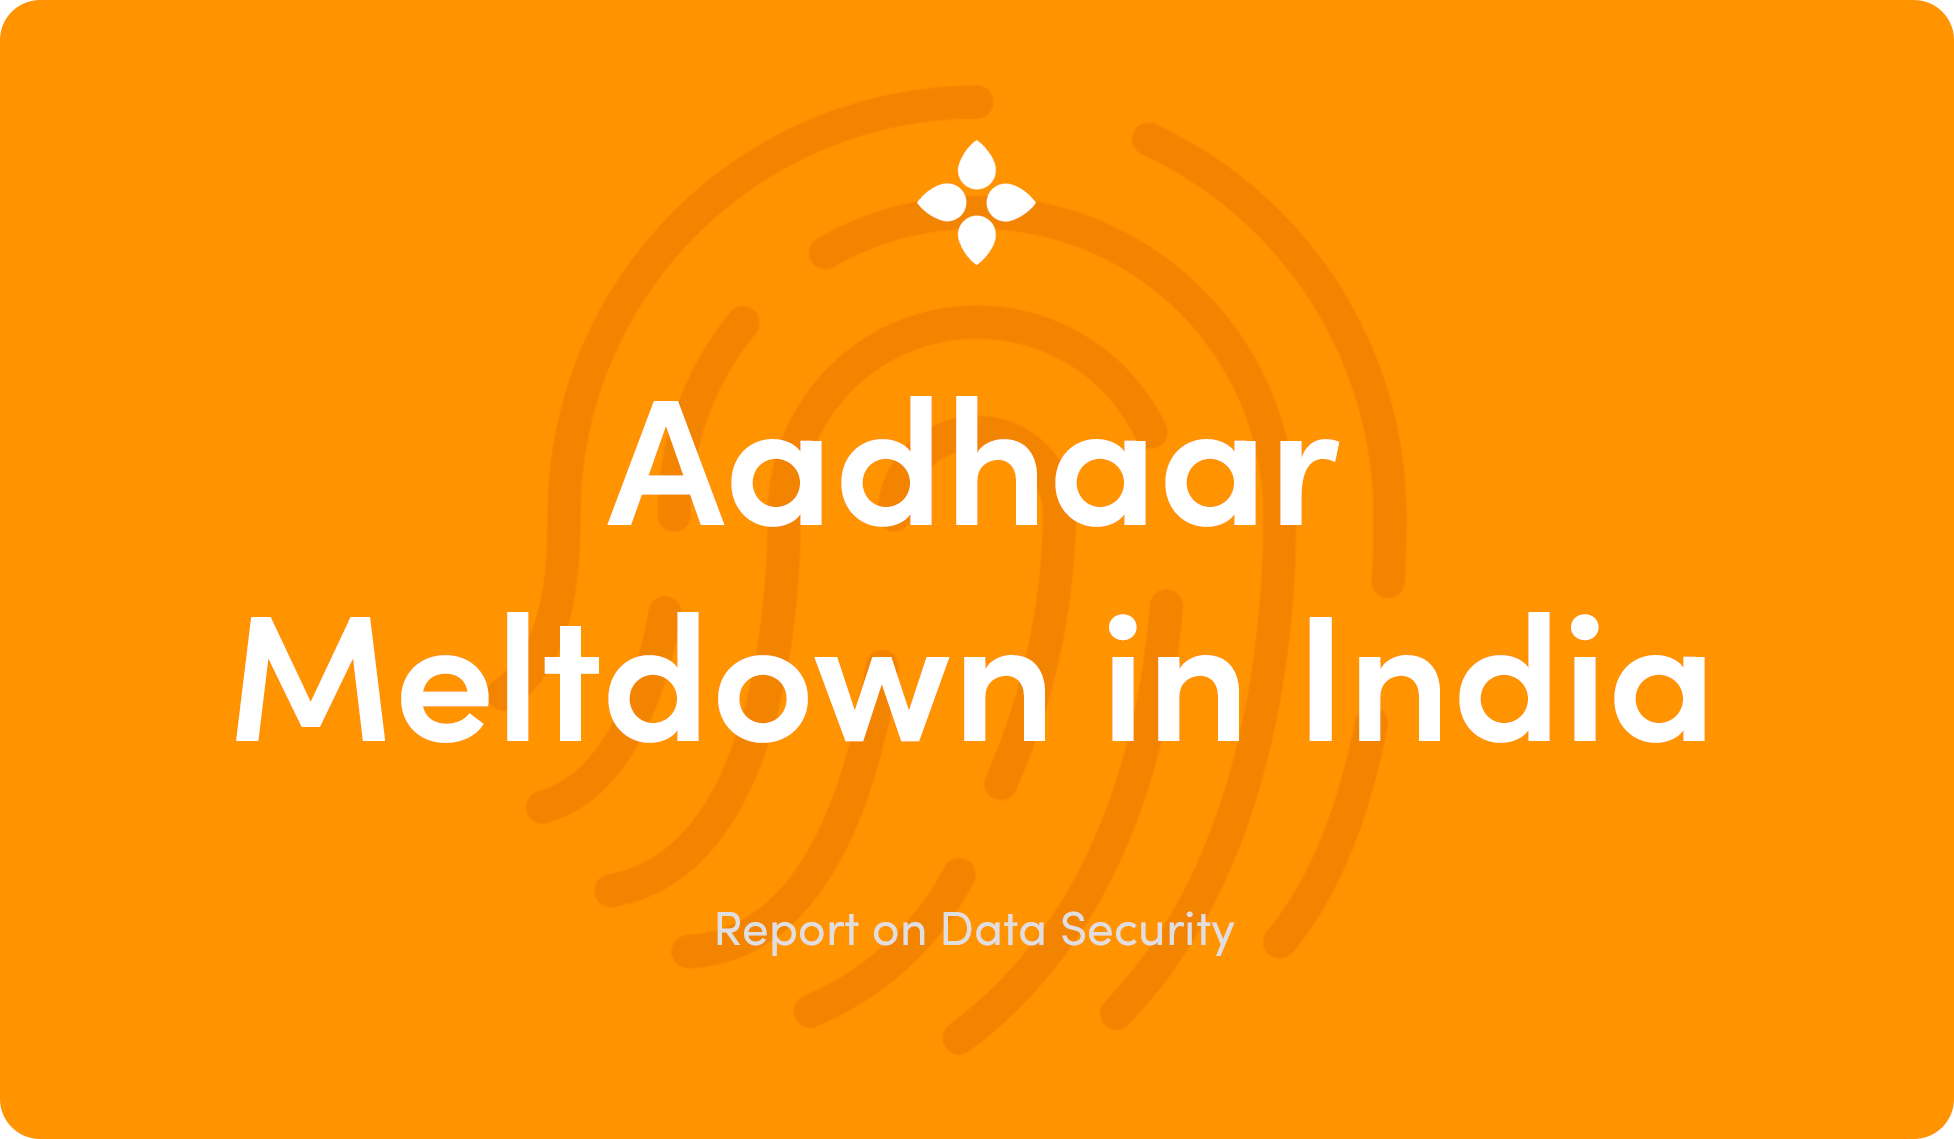 Report on Data Security: Aadhaar Meltdown in India